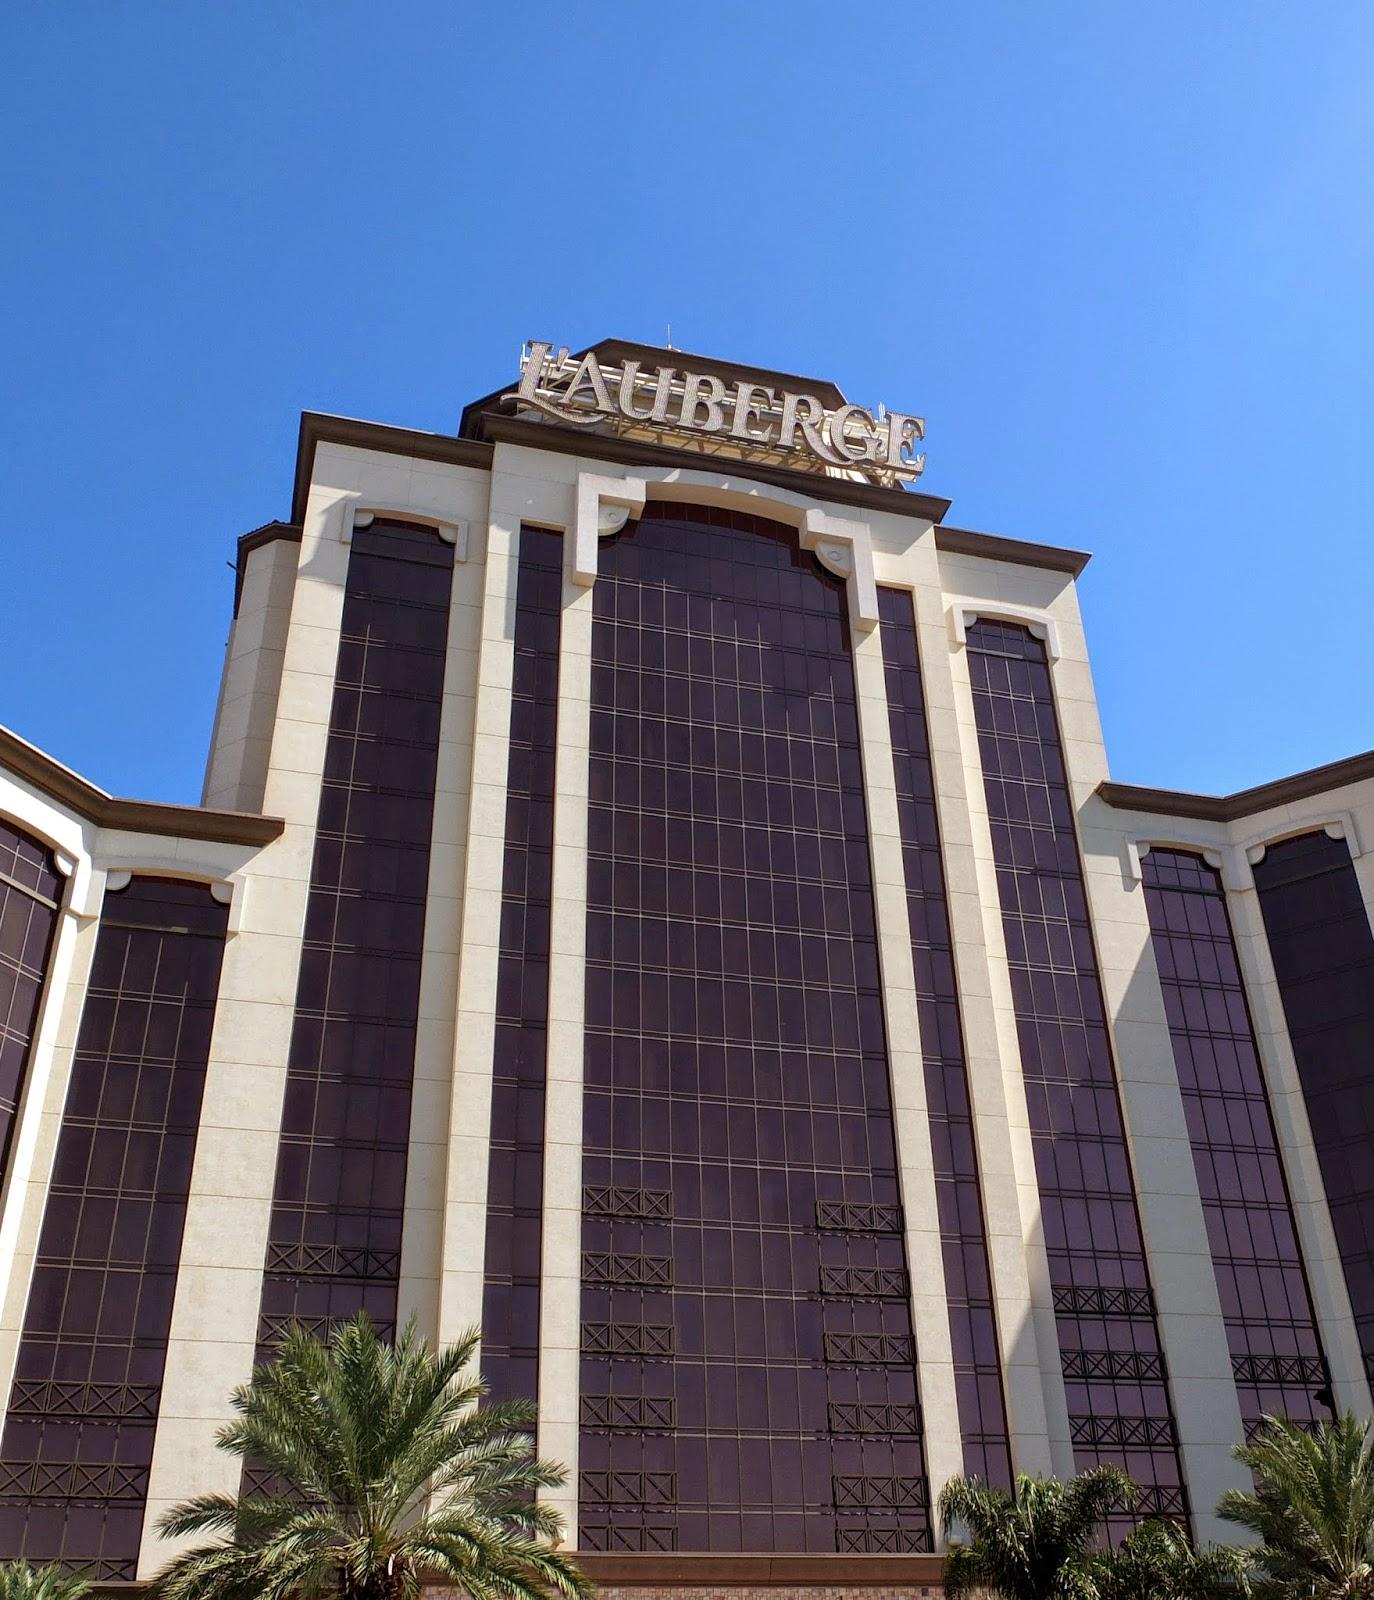 L'Auberge Lake Charles Casino Resort, LAuberge Lake Charles, Lake Charles Casino, L'Auberge, L'Auberge Casino